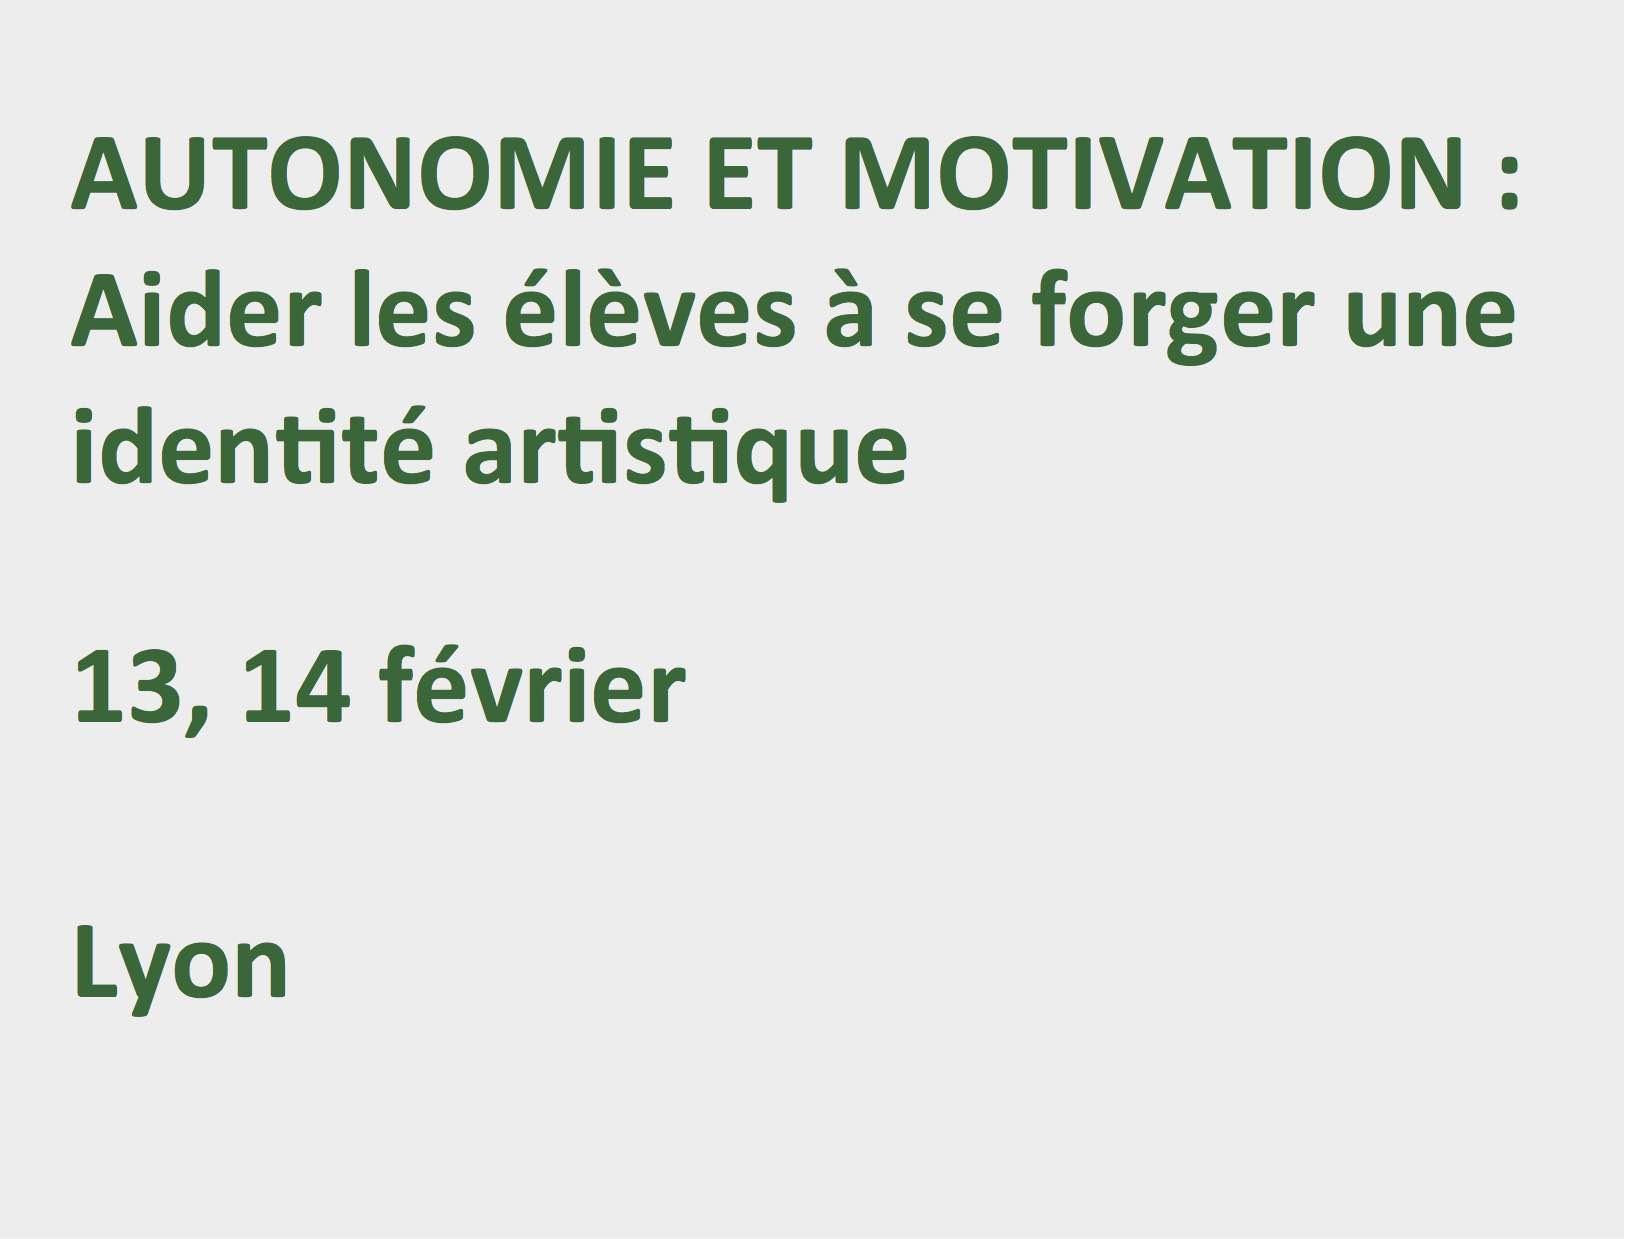 Autonomie et motivation